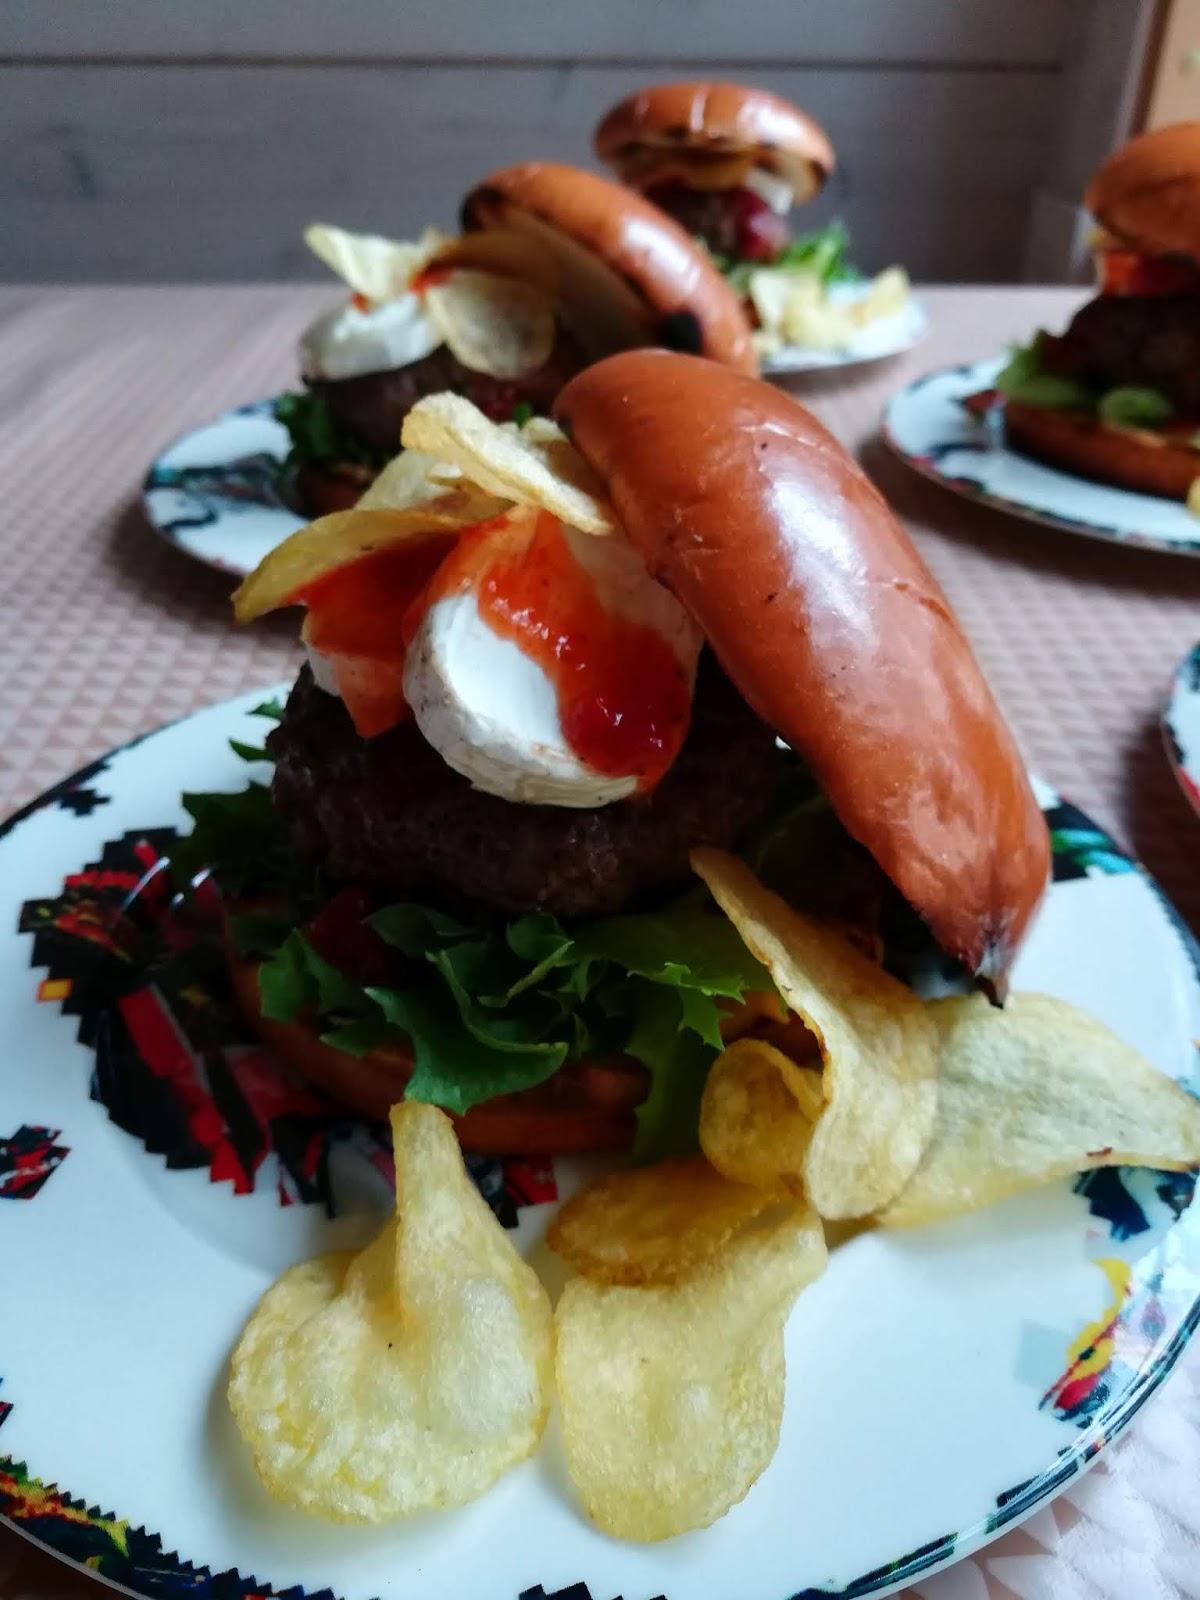 vuohenjuustoburgerit hampurilainen mallaspulla